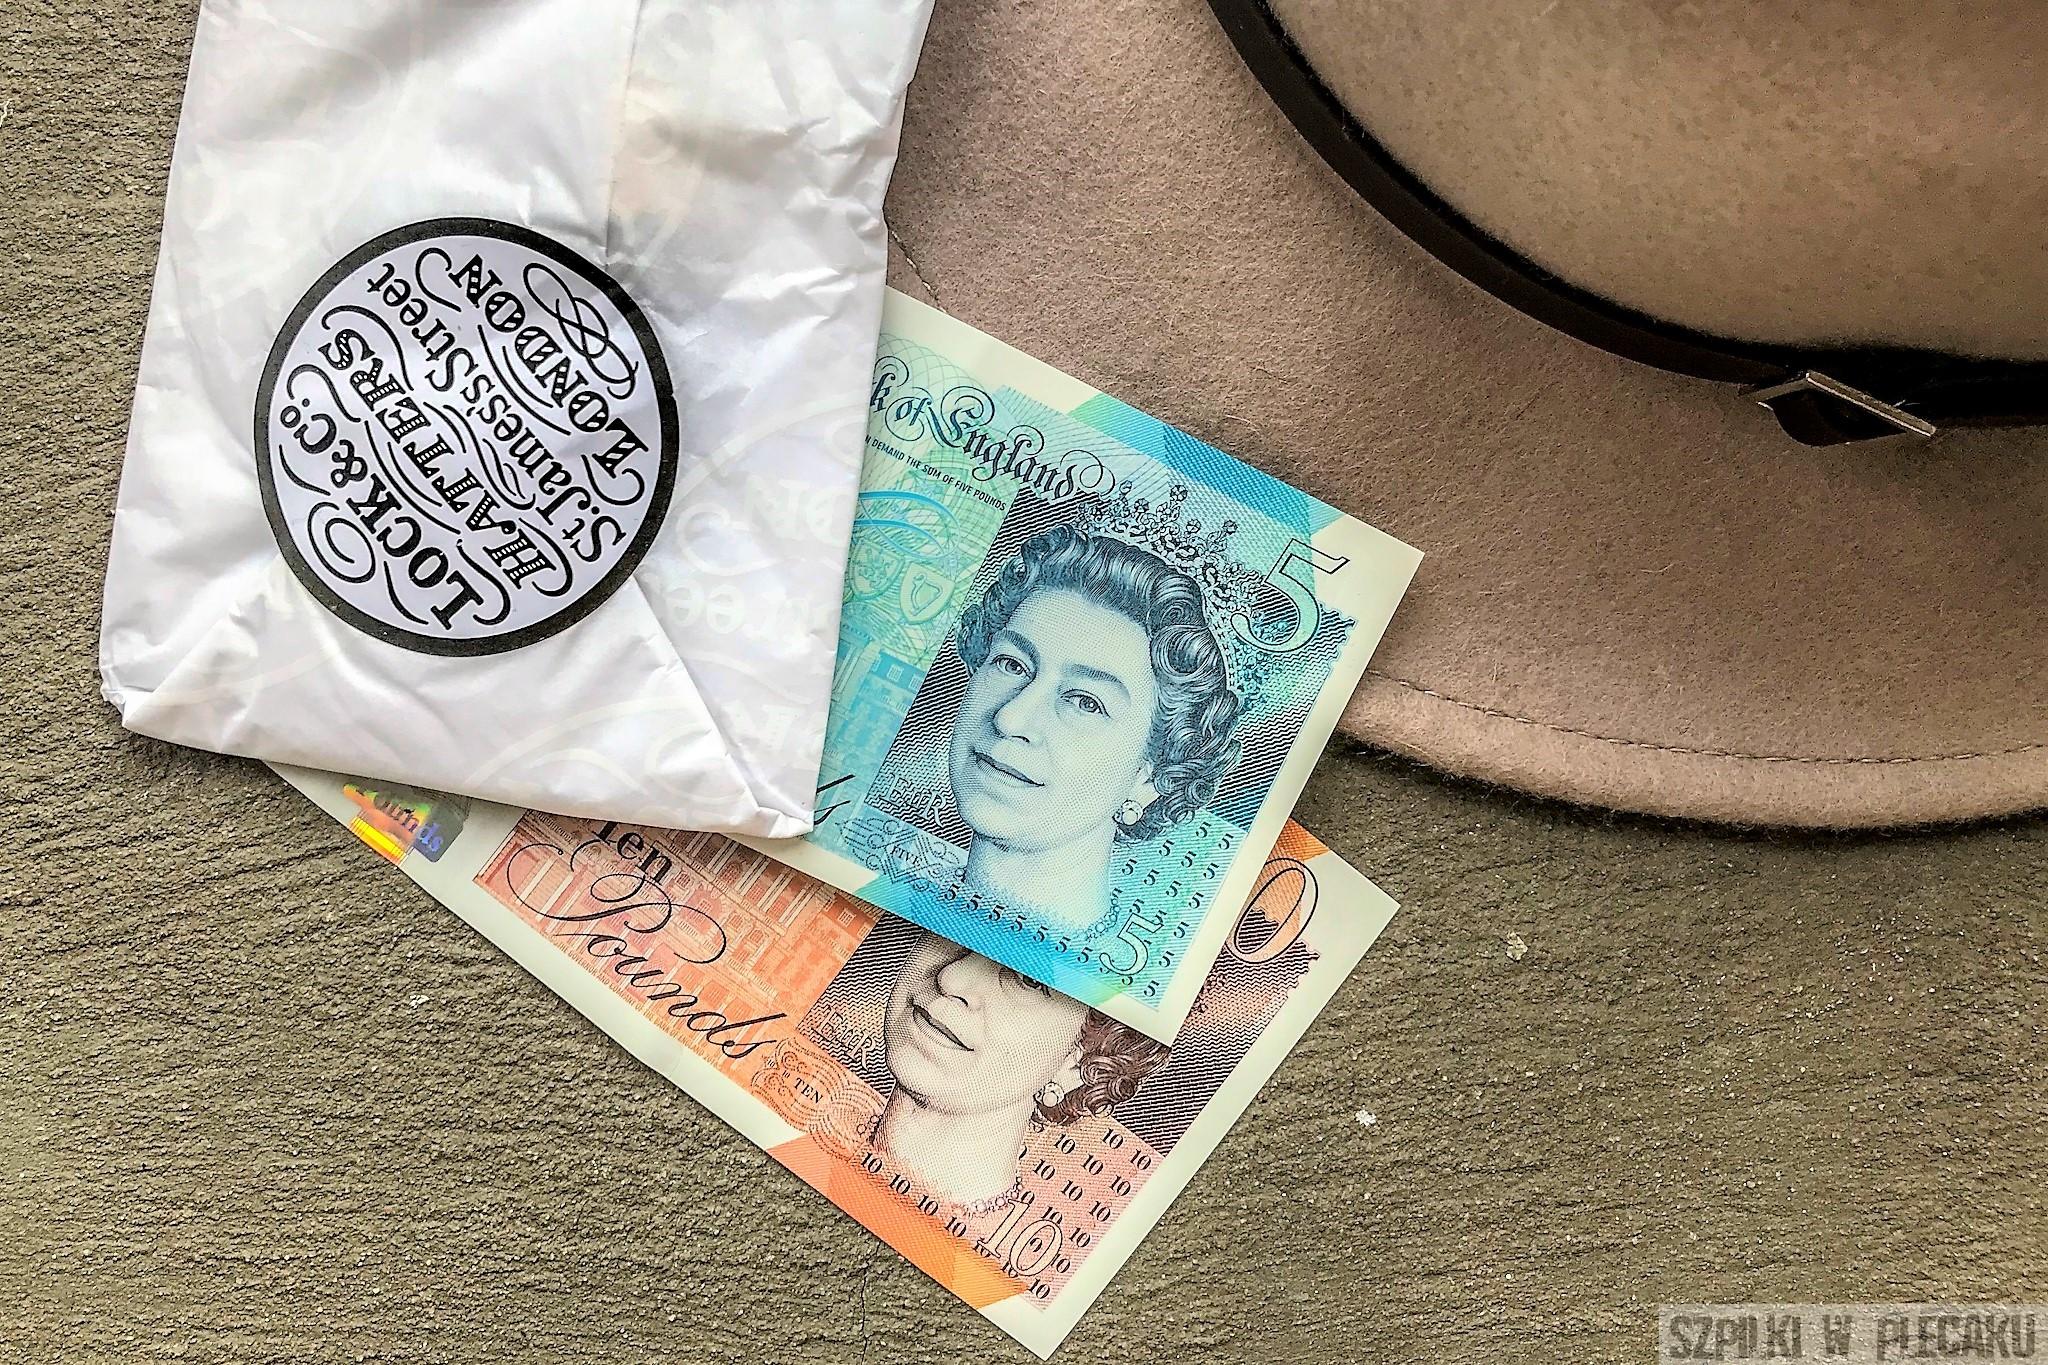 London hatters